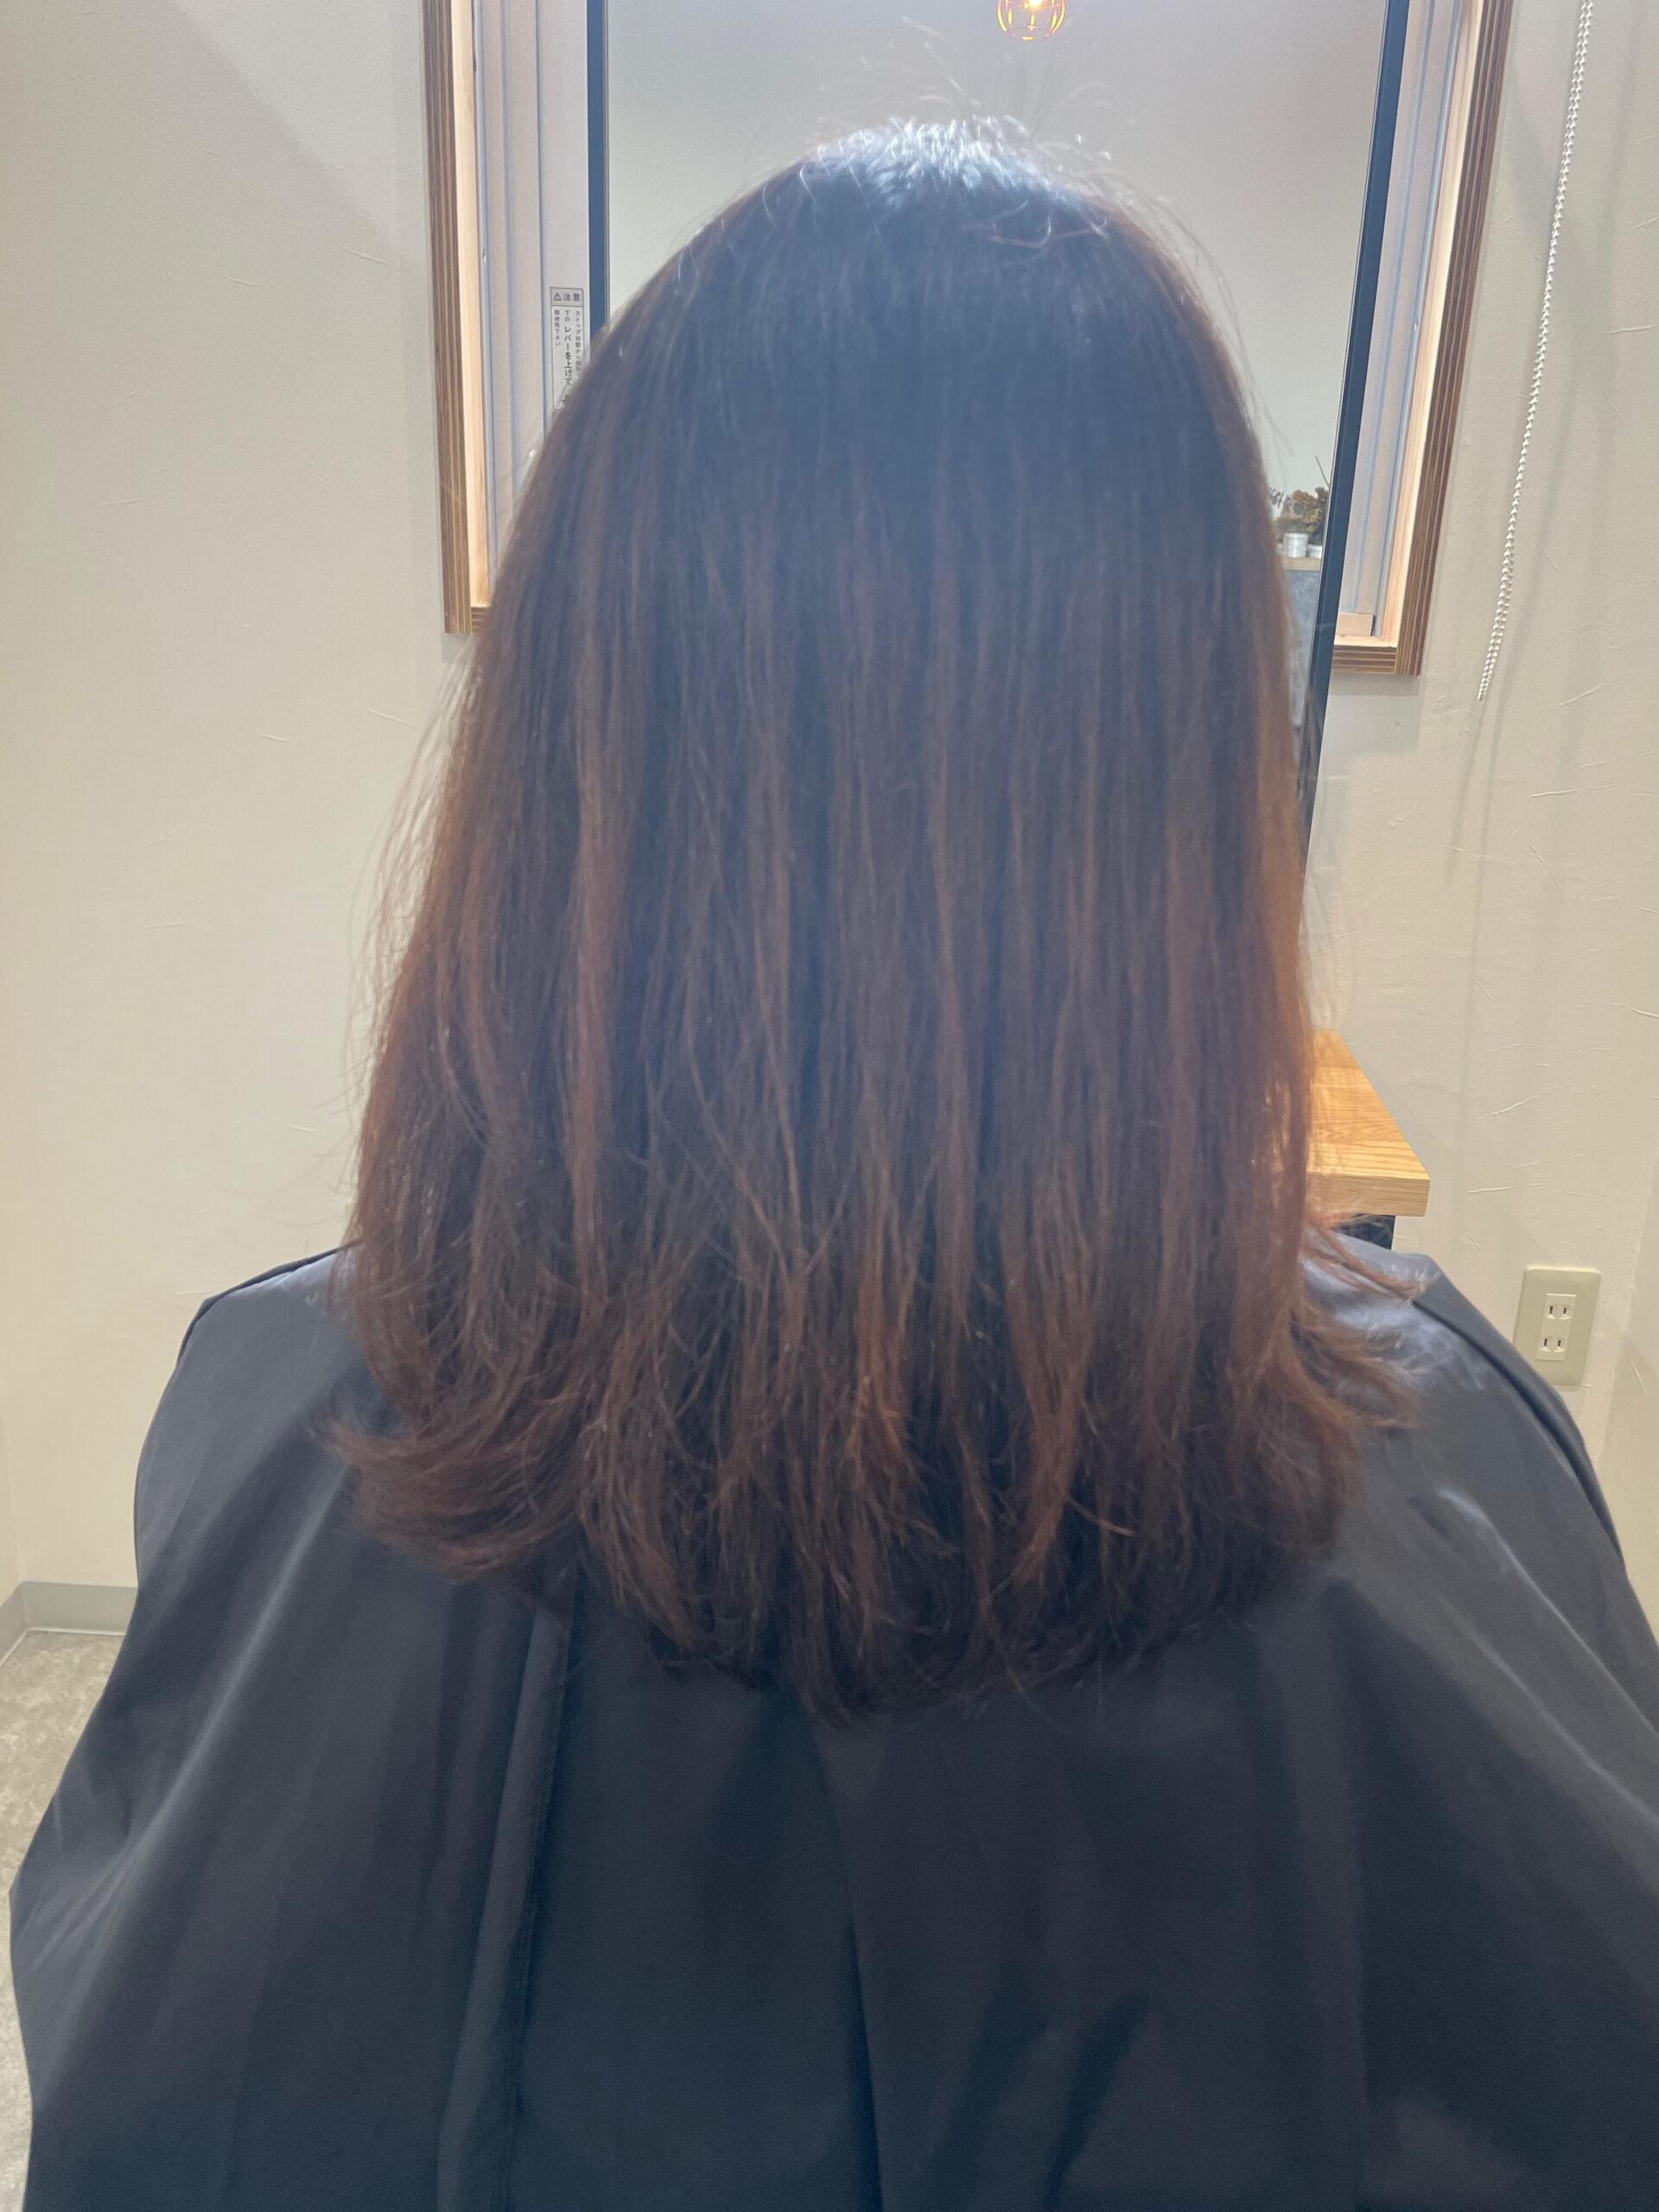 大分県別府市 オレンジっぽくなる髪色を解消『アッシュグレージュのヘアカラー』 ビフォー